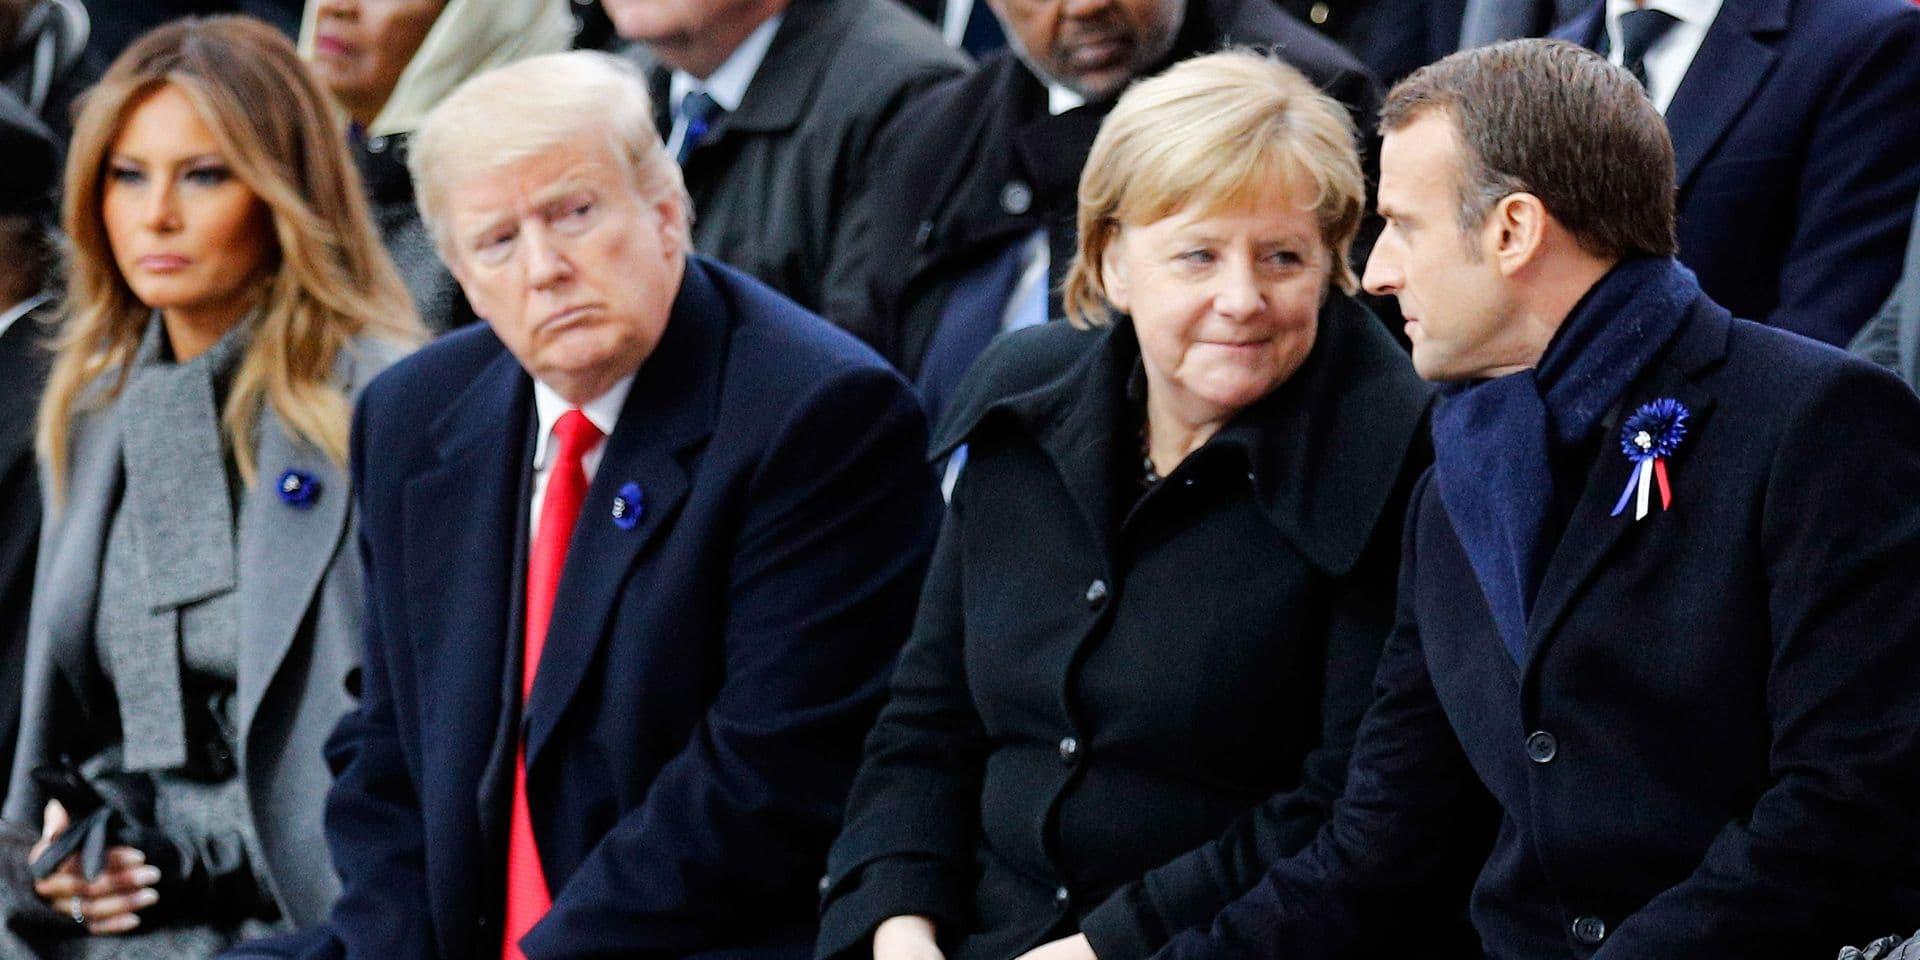 Une montre belge au poignet de Macron, Merkel et Trump pour le centenaire de l'armistice